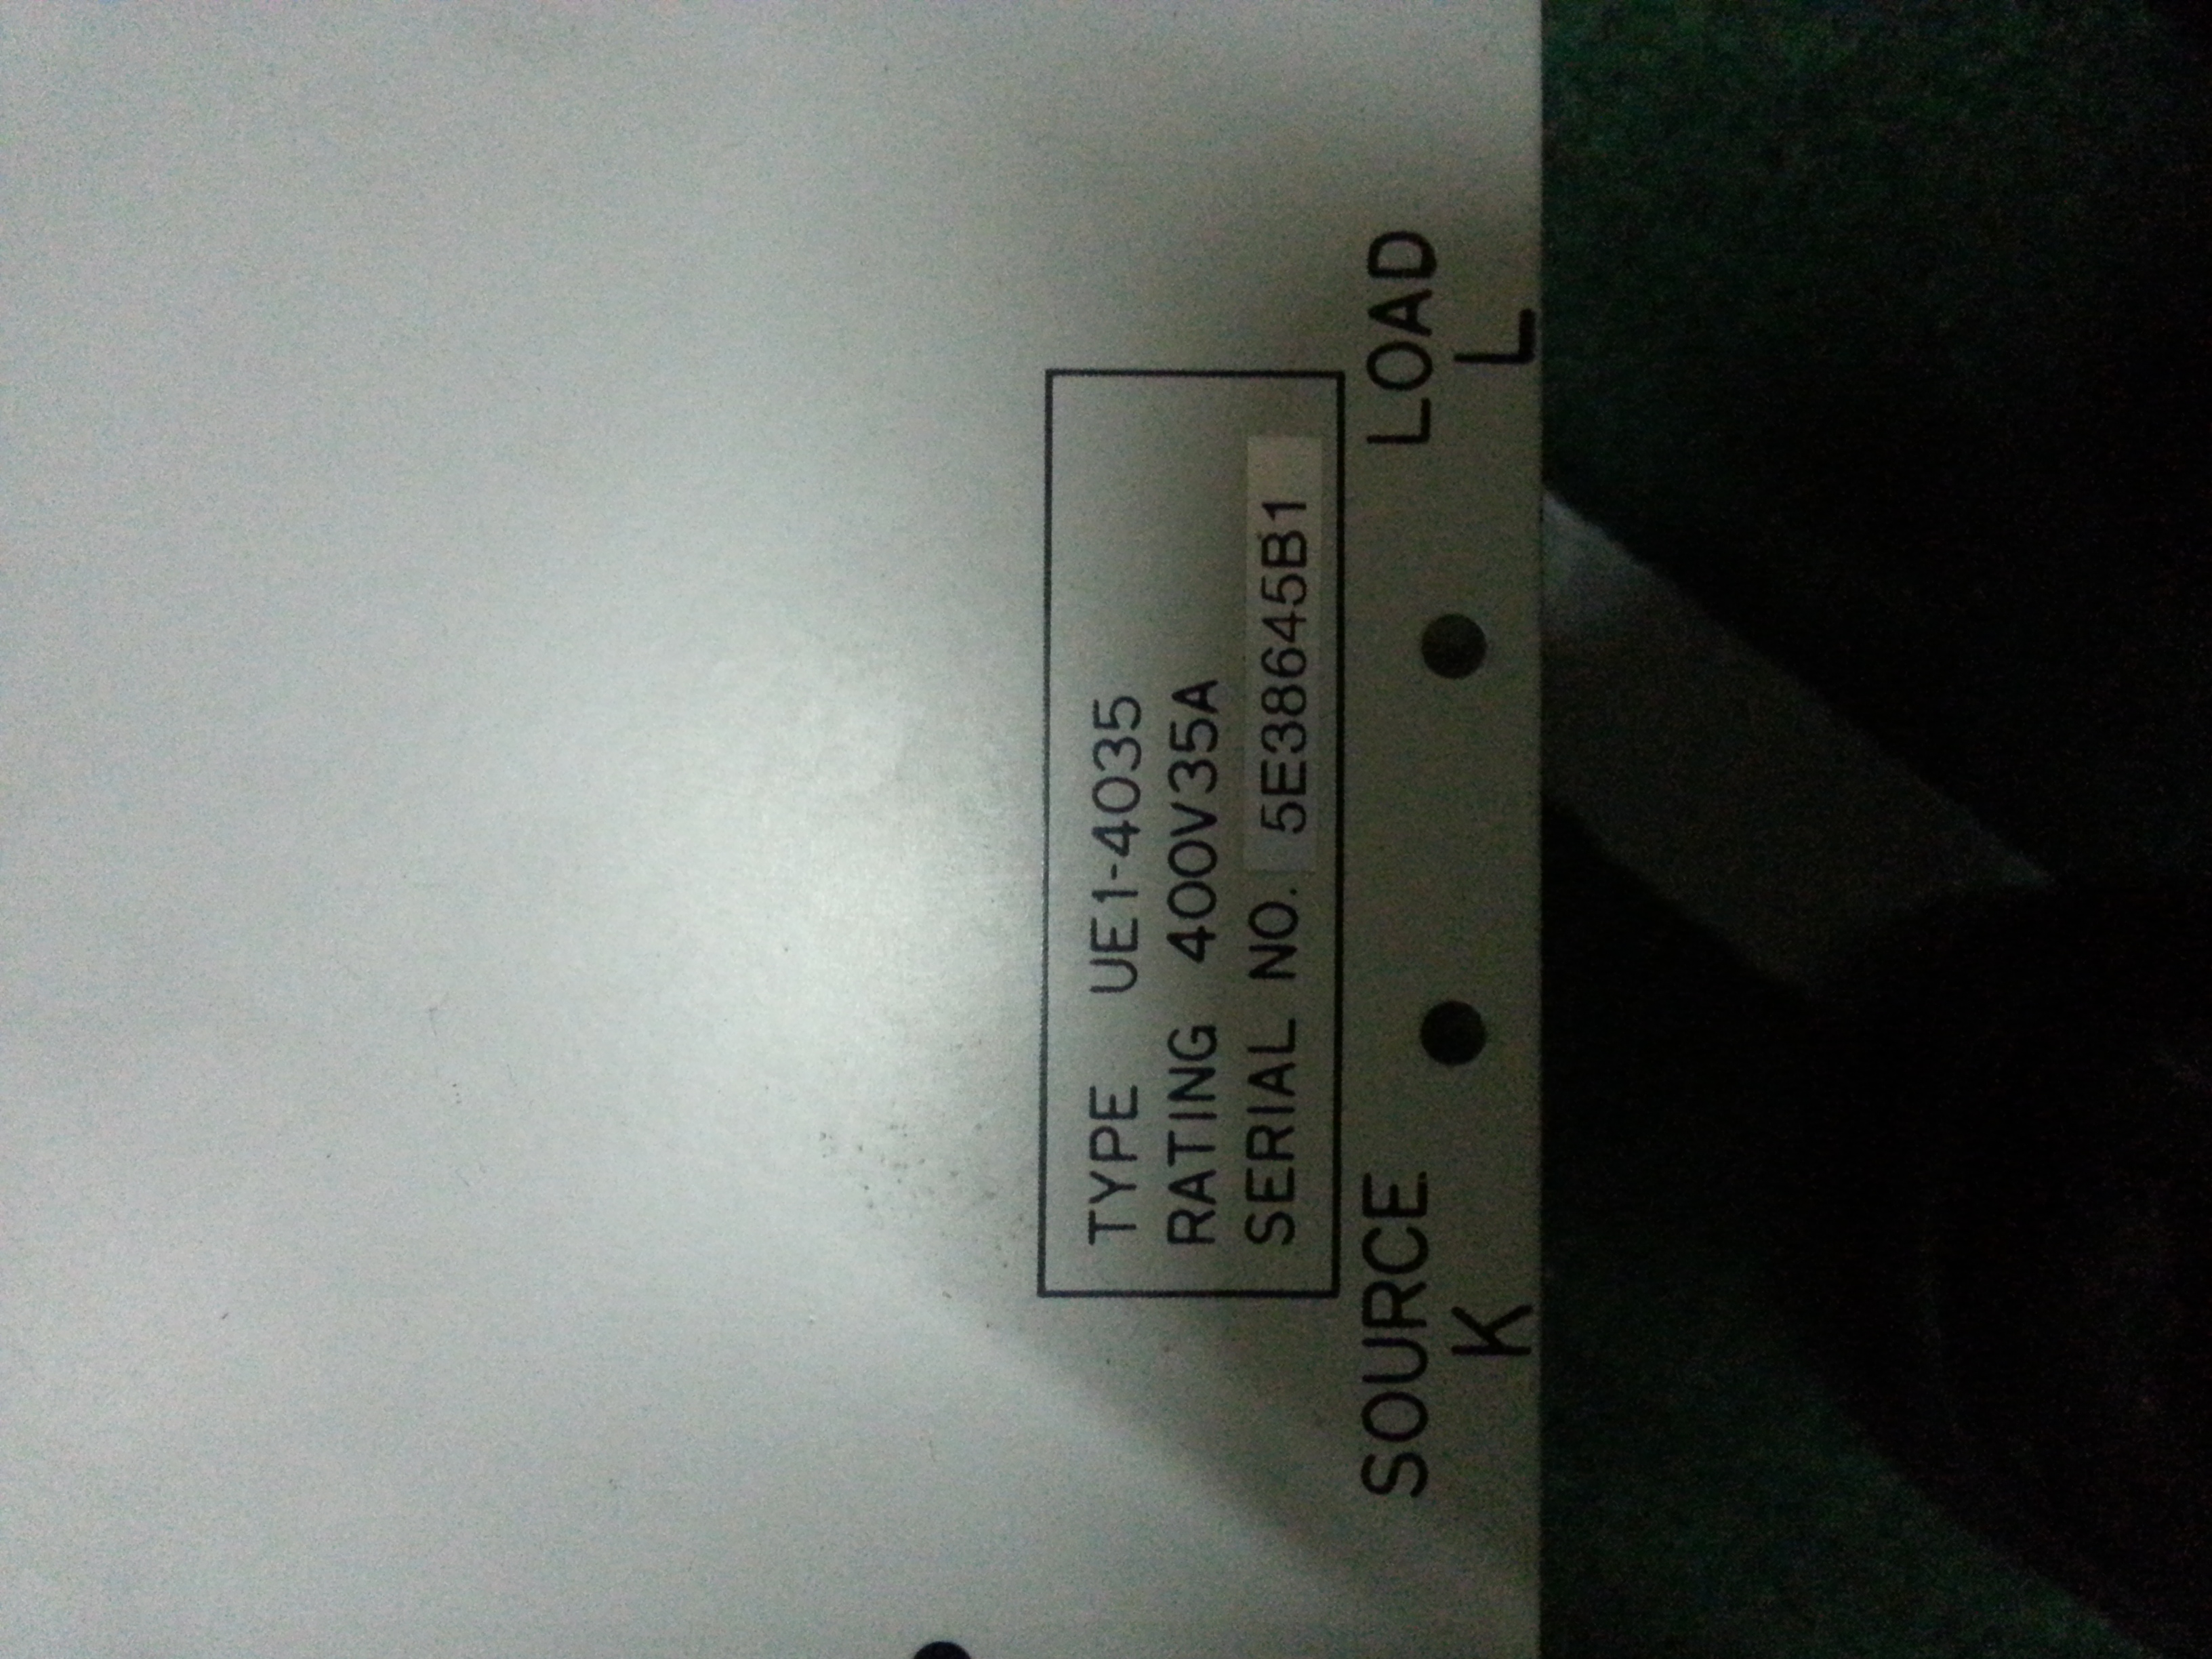 Repair UE1-4035 SANREX SANREX in Malaysia, Singapore, Thailand, Indonesia